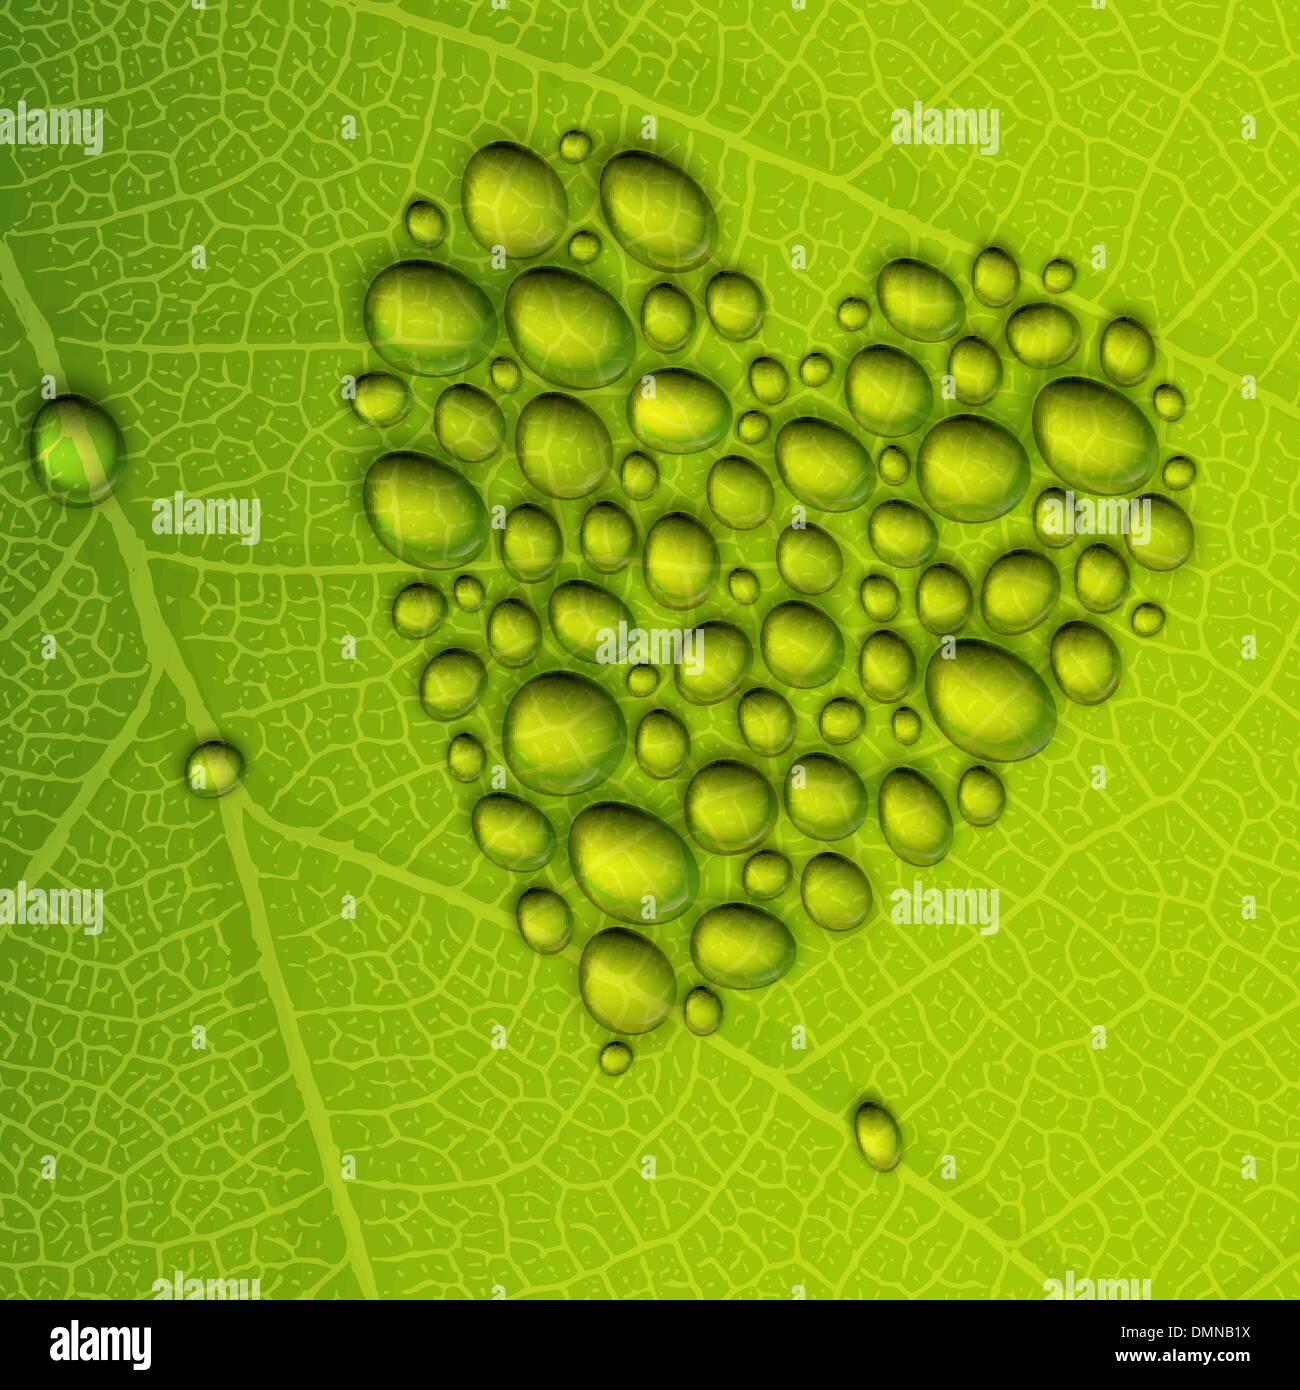 Herz Tautropfen Form auf grünes Blatt. Vektor-Illustration, EPS10 Stockbild